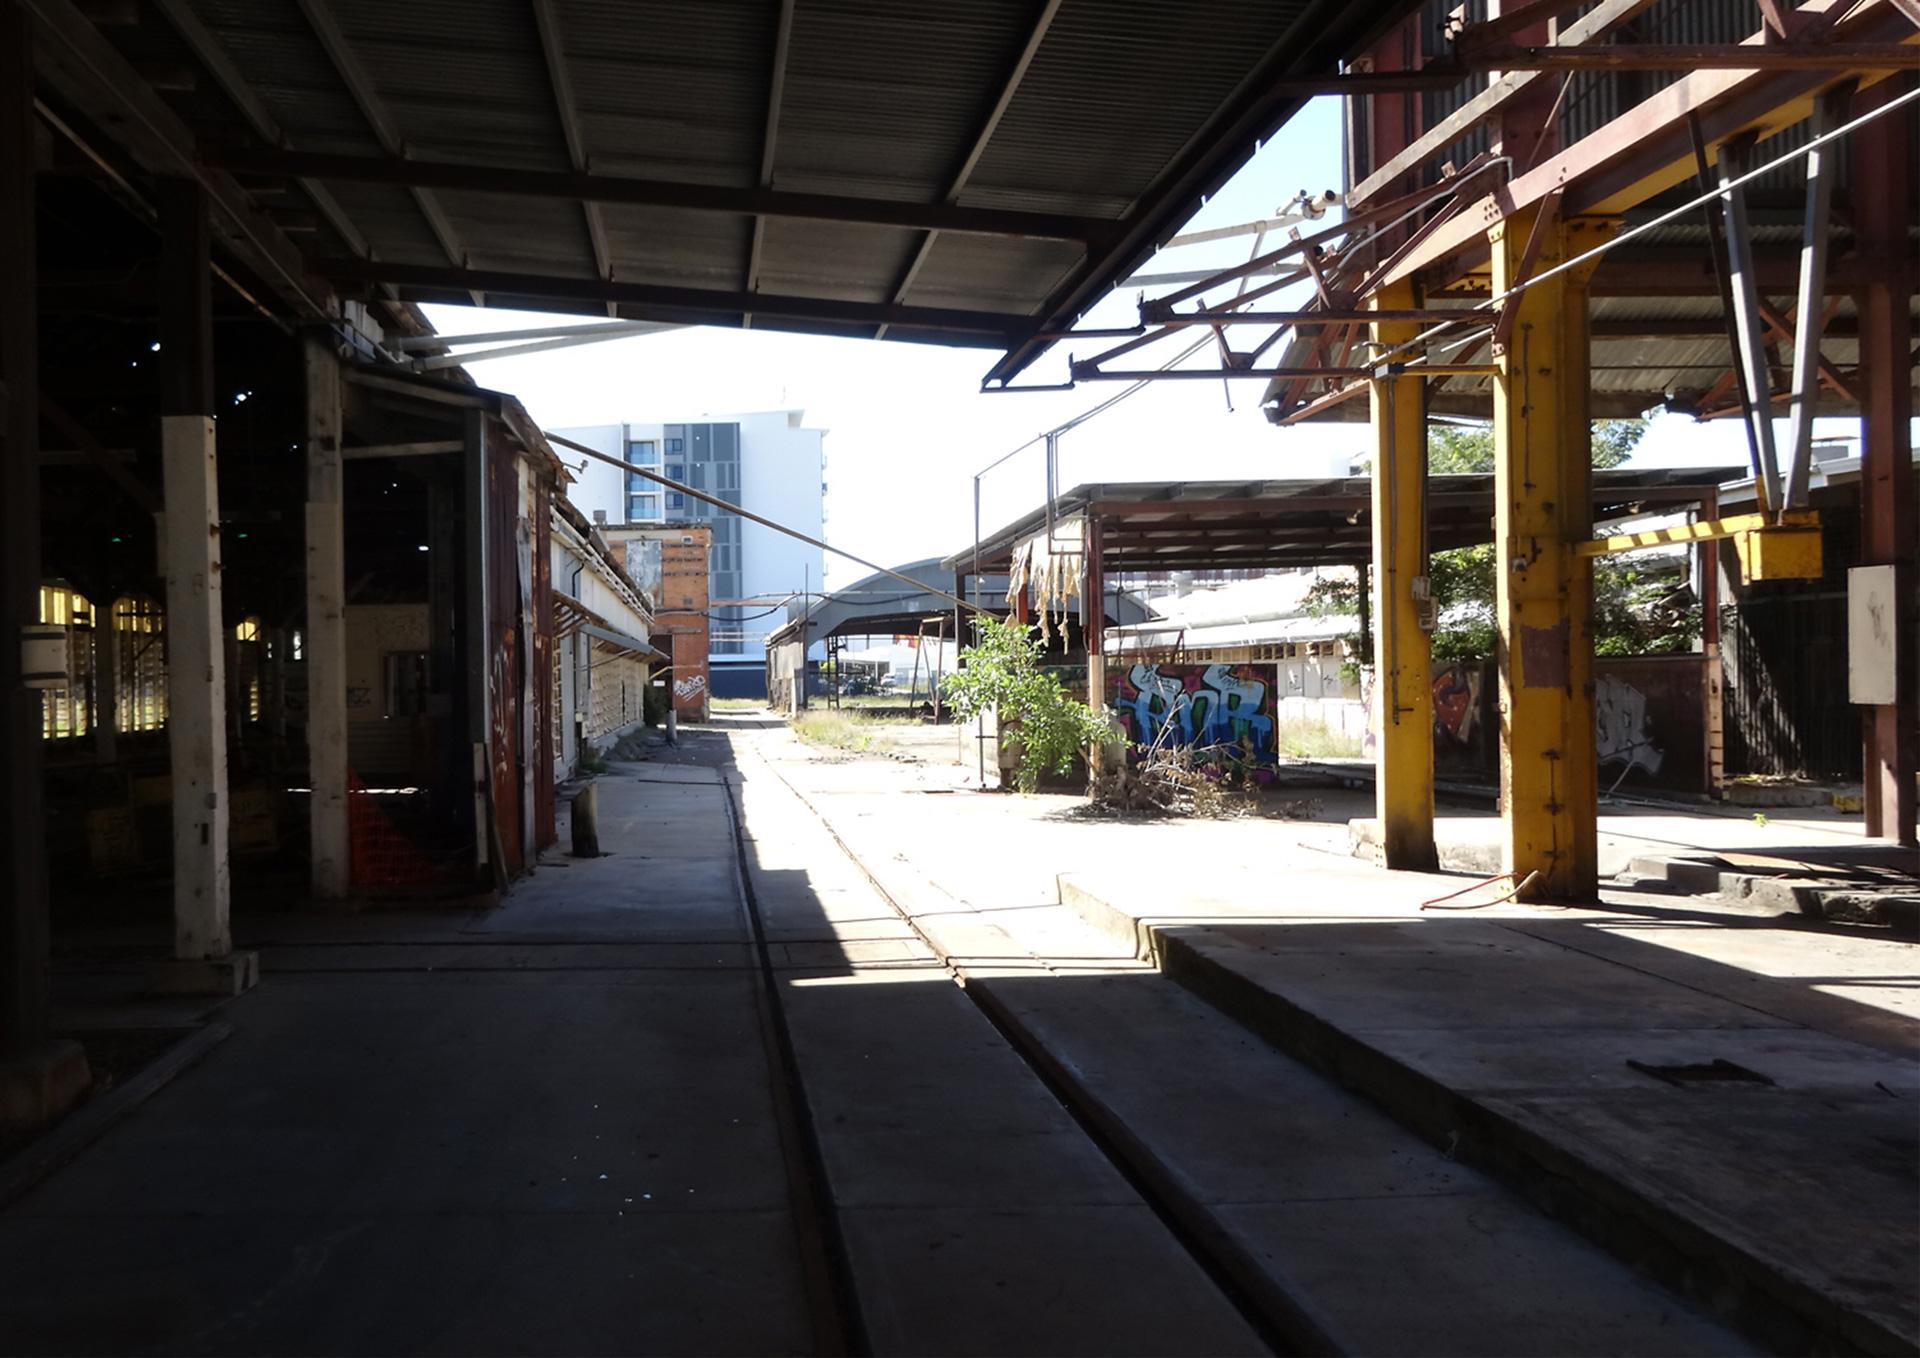 06-TownsvilleRailyards-Tract.jpg